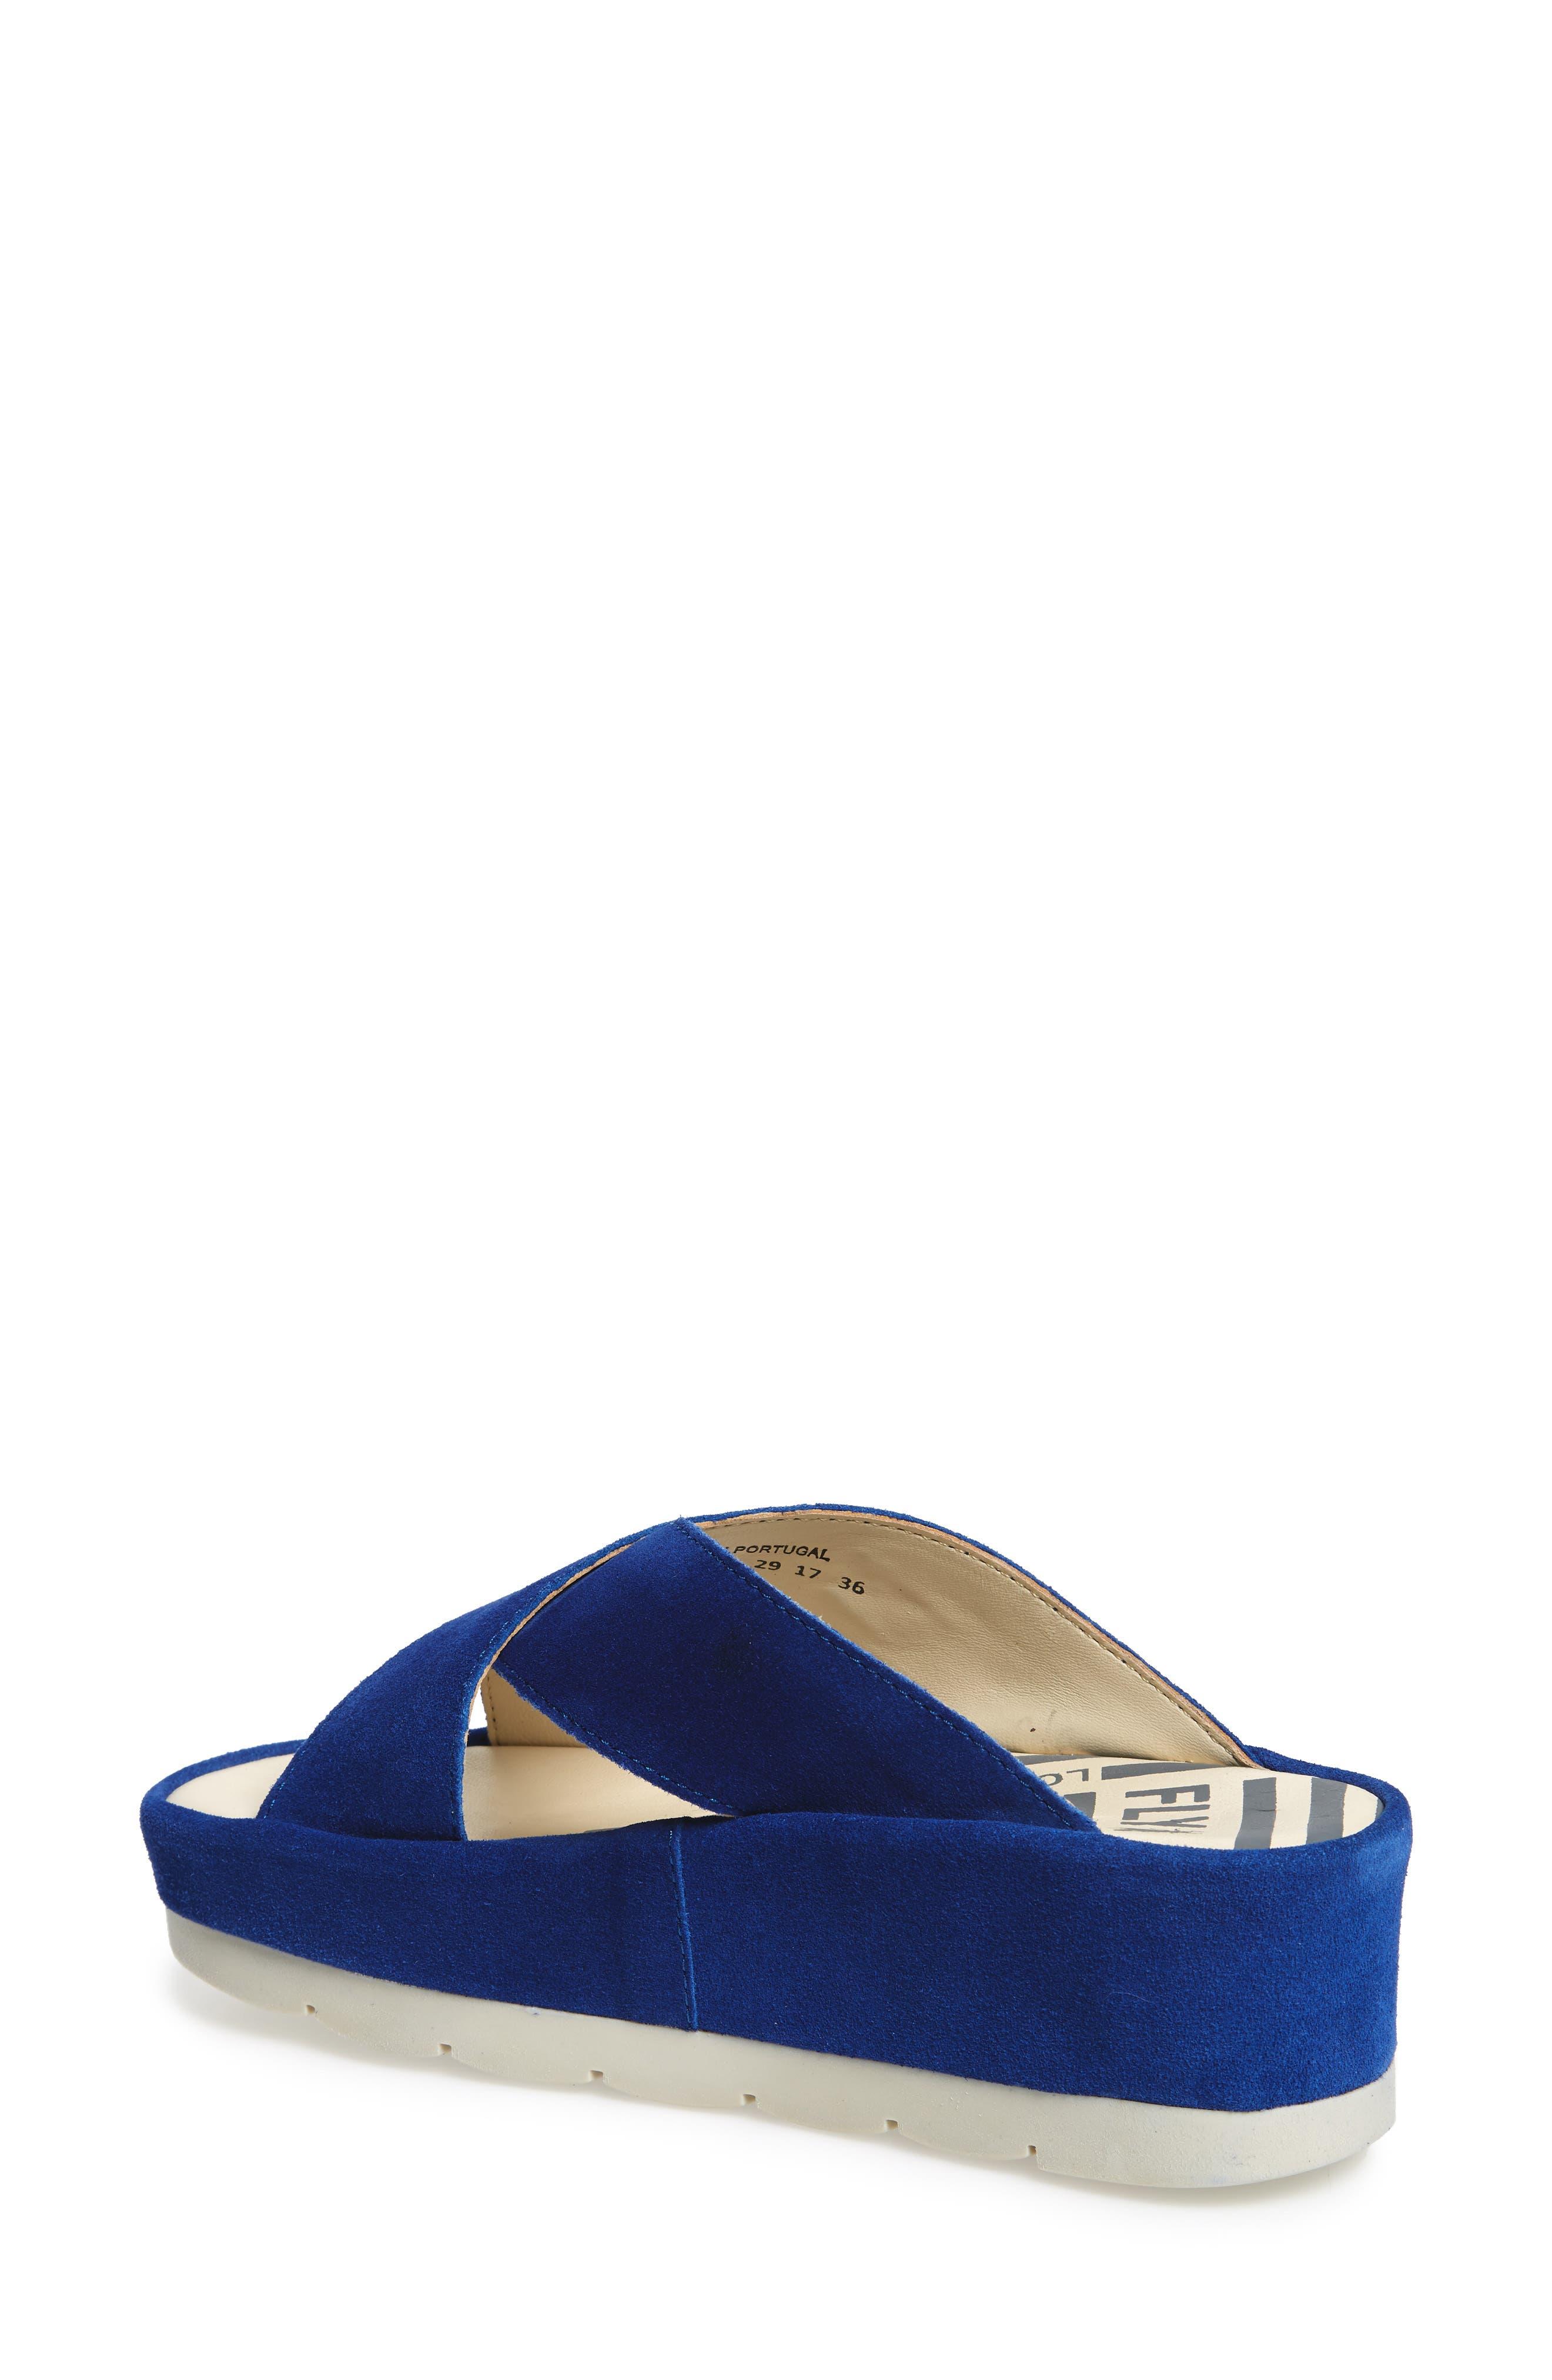 FLY LONDON, Begs Platform Slide Sandal, Alternate thumbnail 2, color, BLUE SUEDE